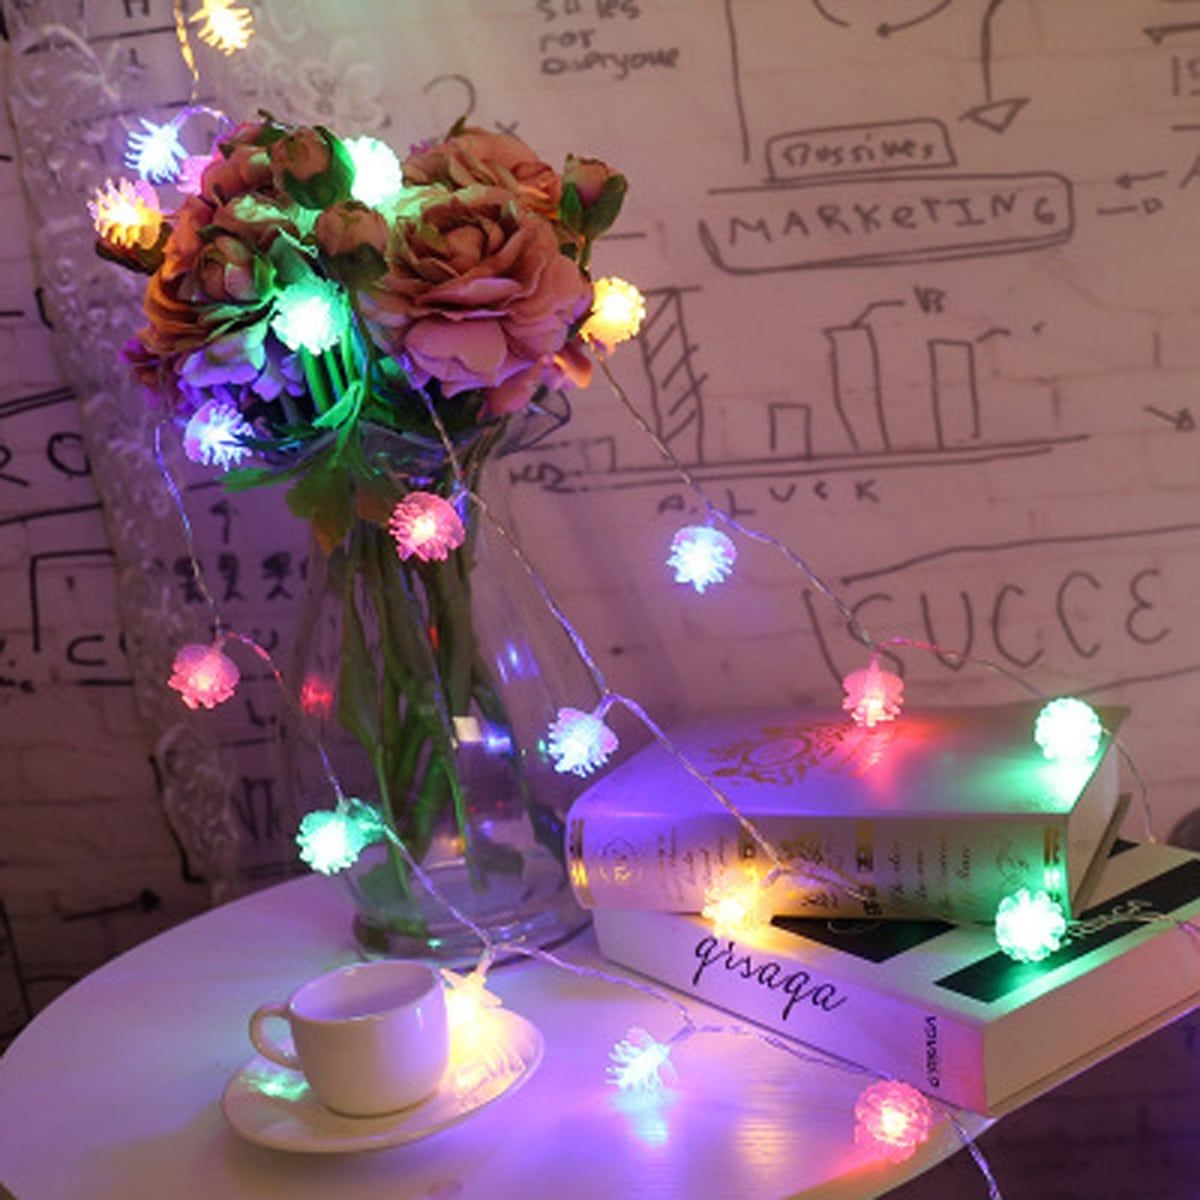 SHEIN / 1 Stück 3m Lichterkette mit 20 Stücke Birne